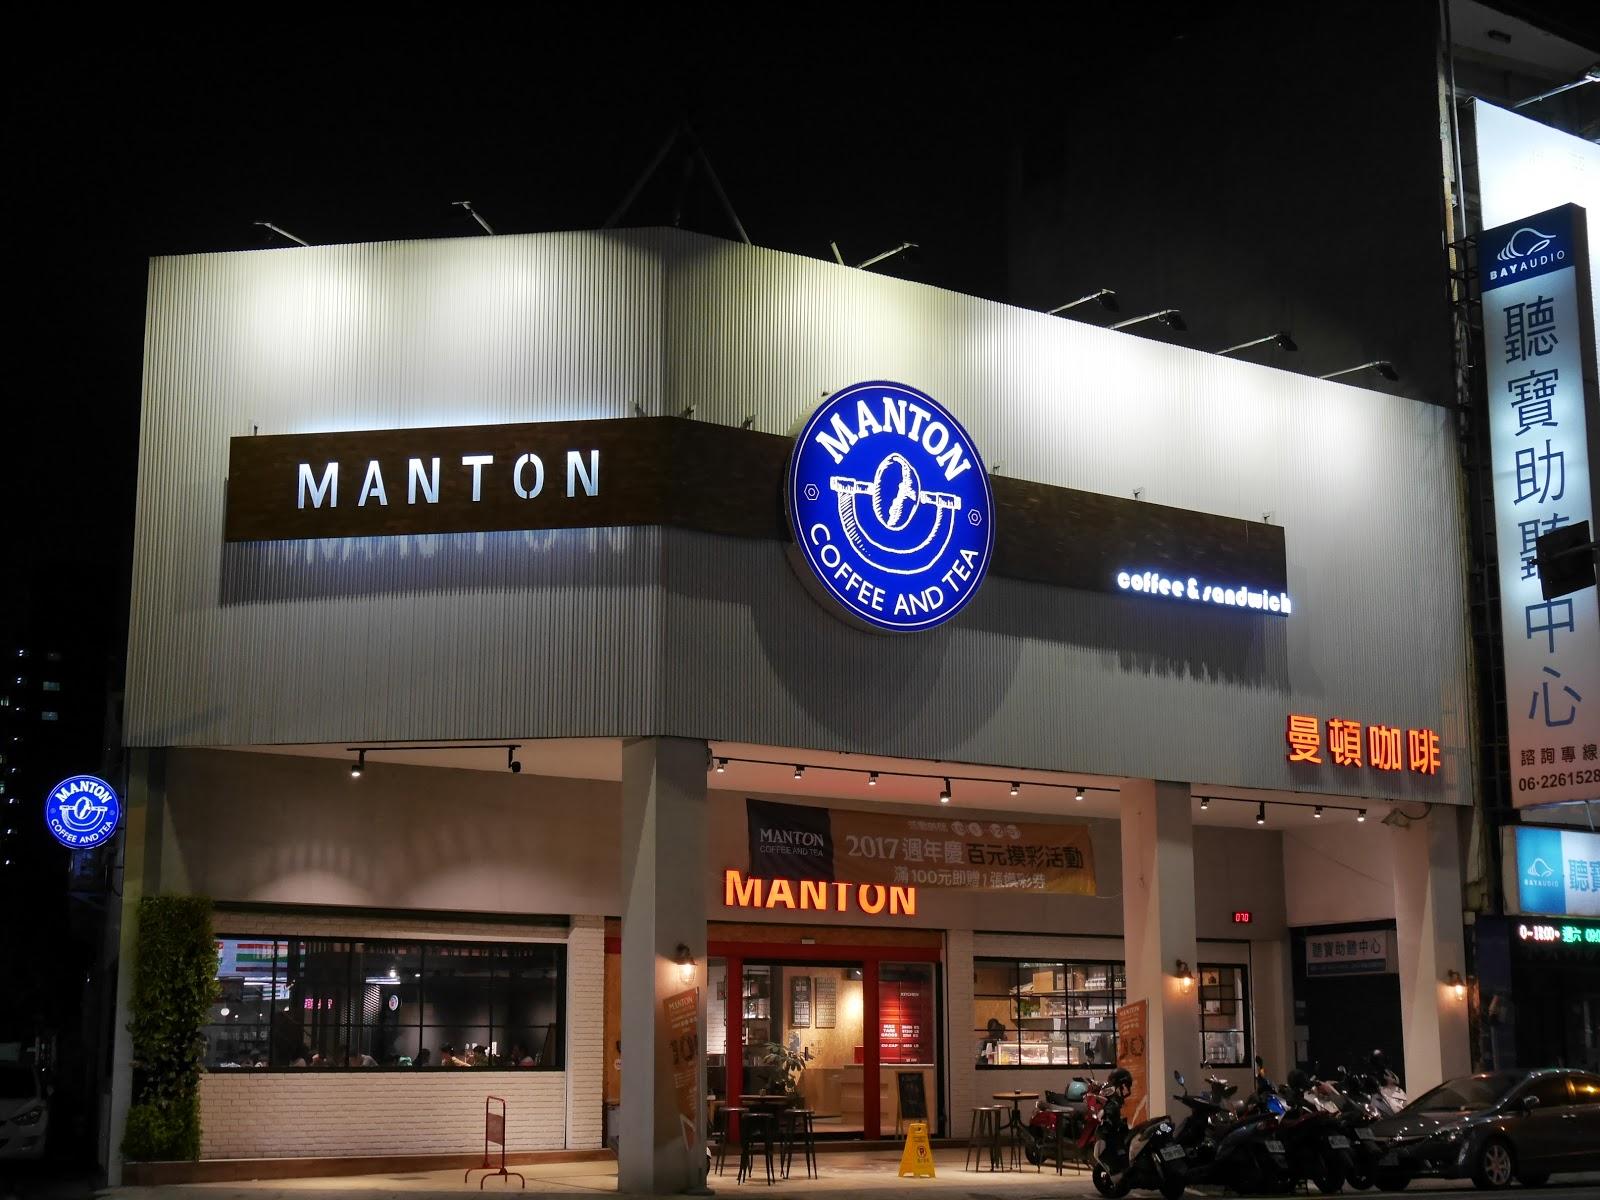 【臺南】中西區★Manton Coffee曼頓咖啡精緻茶品★成功店(歇業)